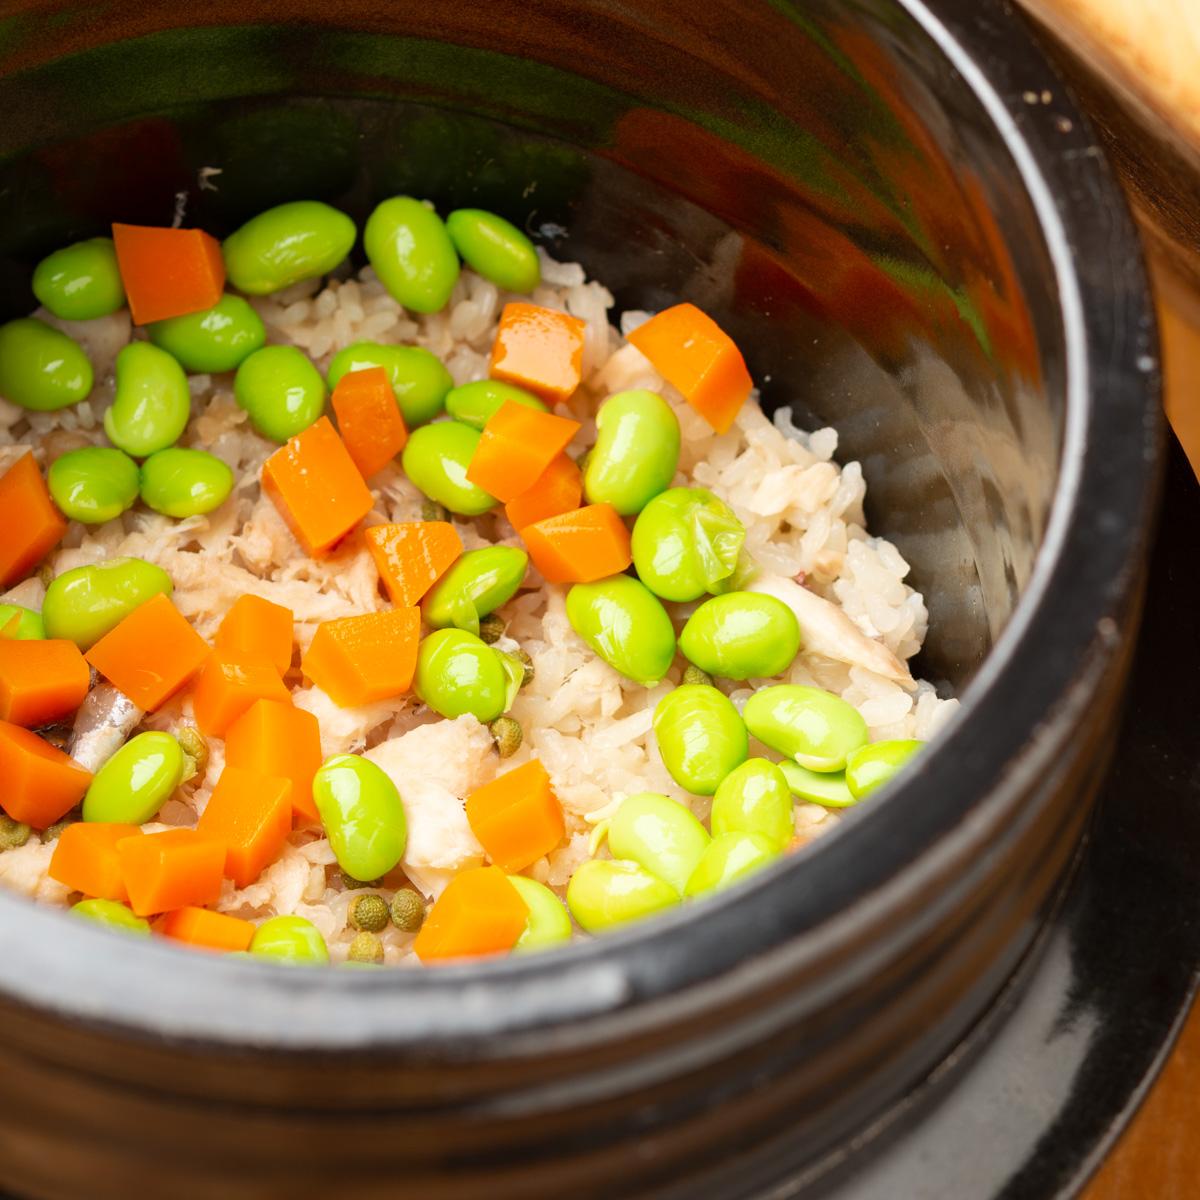 御飯物|鯛と枝豆・実山椒の炊き込みご飯、みょうがとわかめの赤出汁